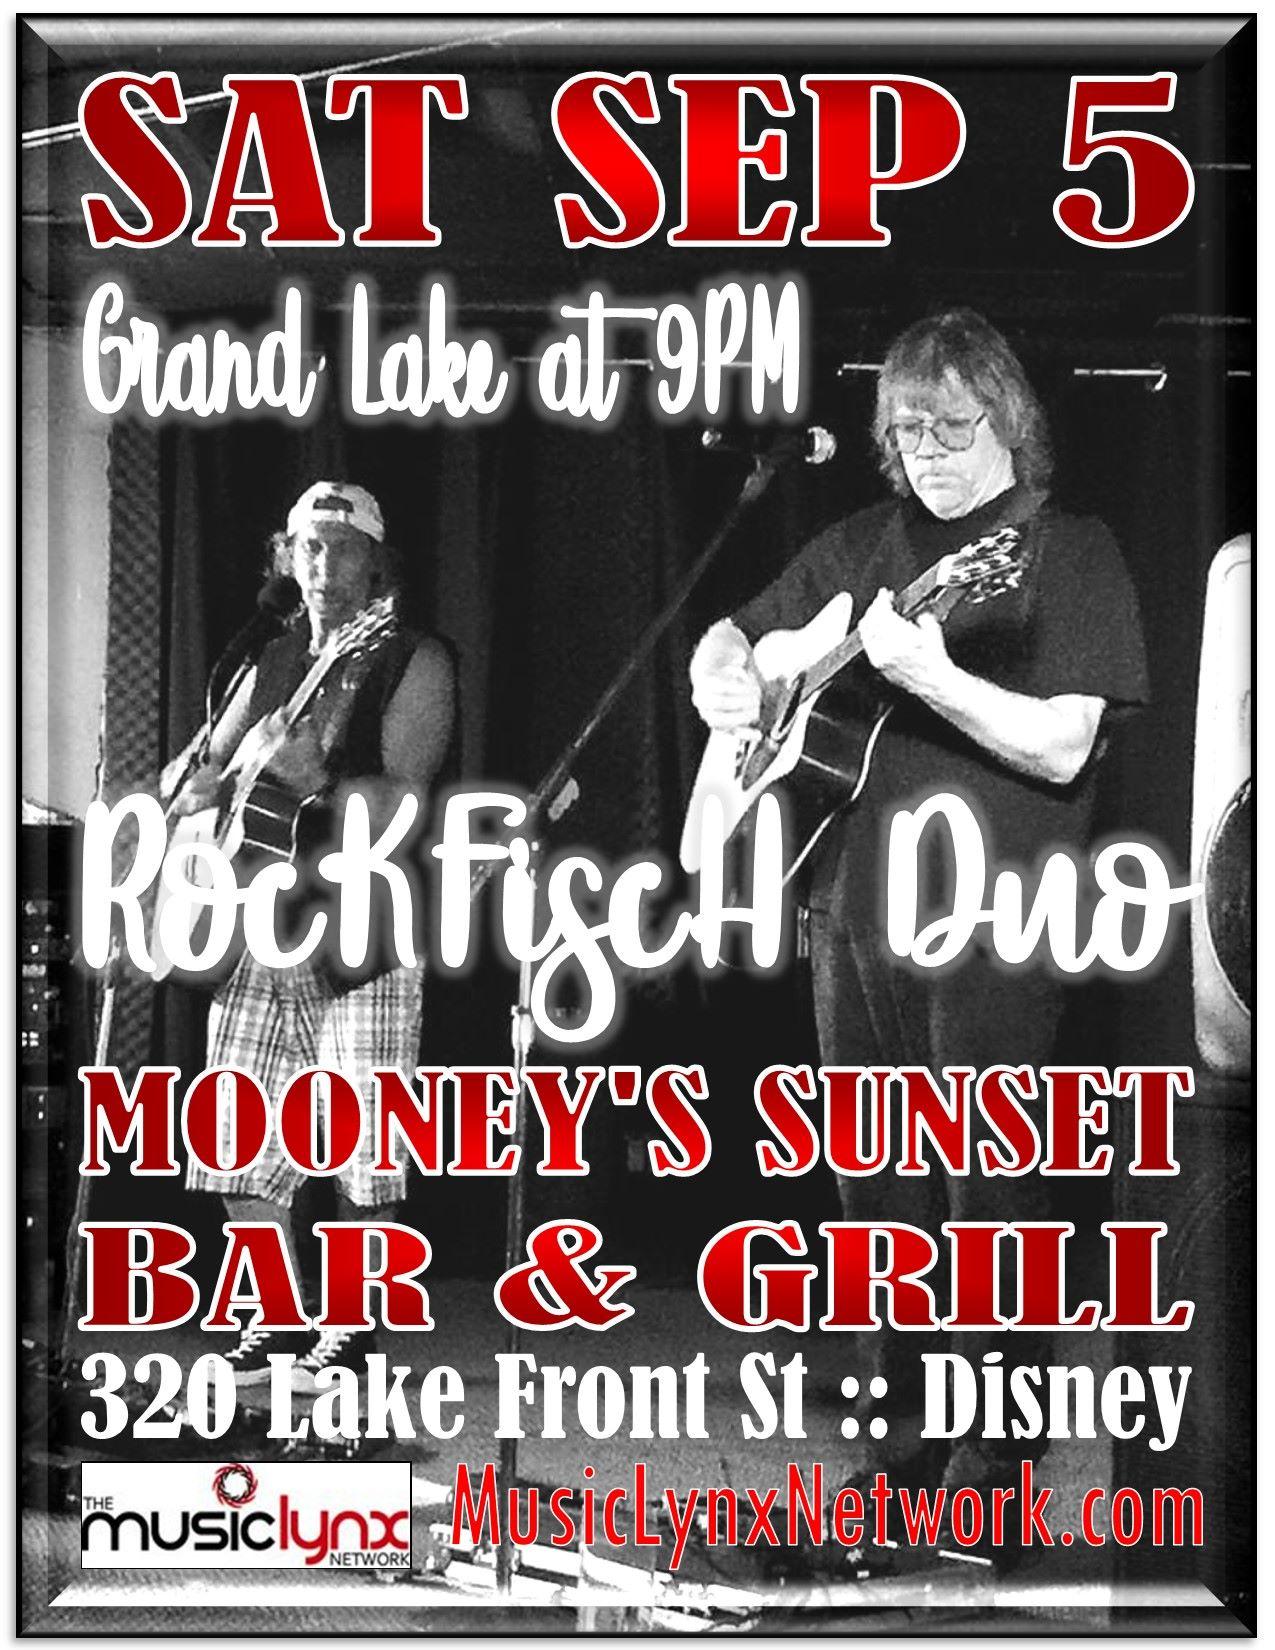 RockFiscH Duo at Mooneys